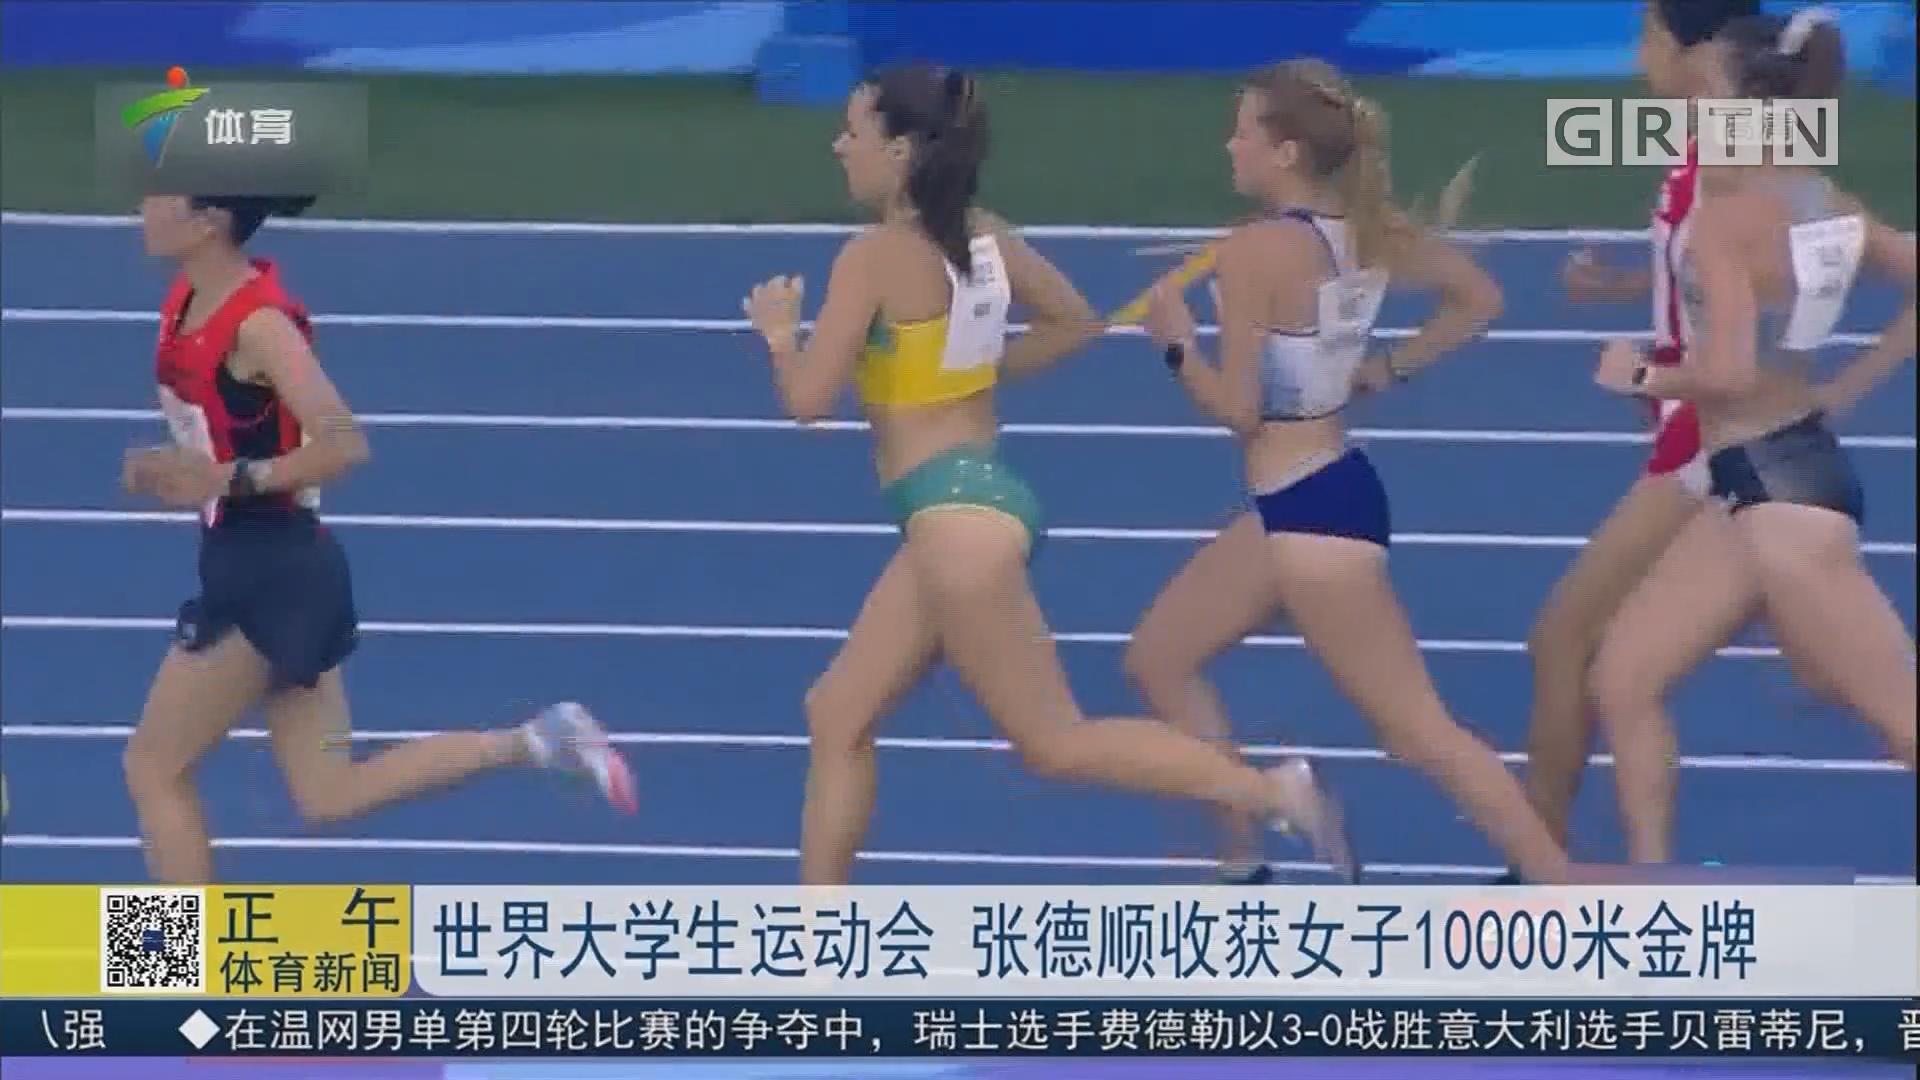 世界大学生运动会 张德顺收获女子10000米金牌